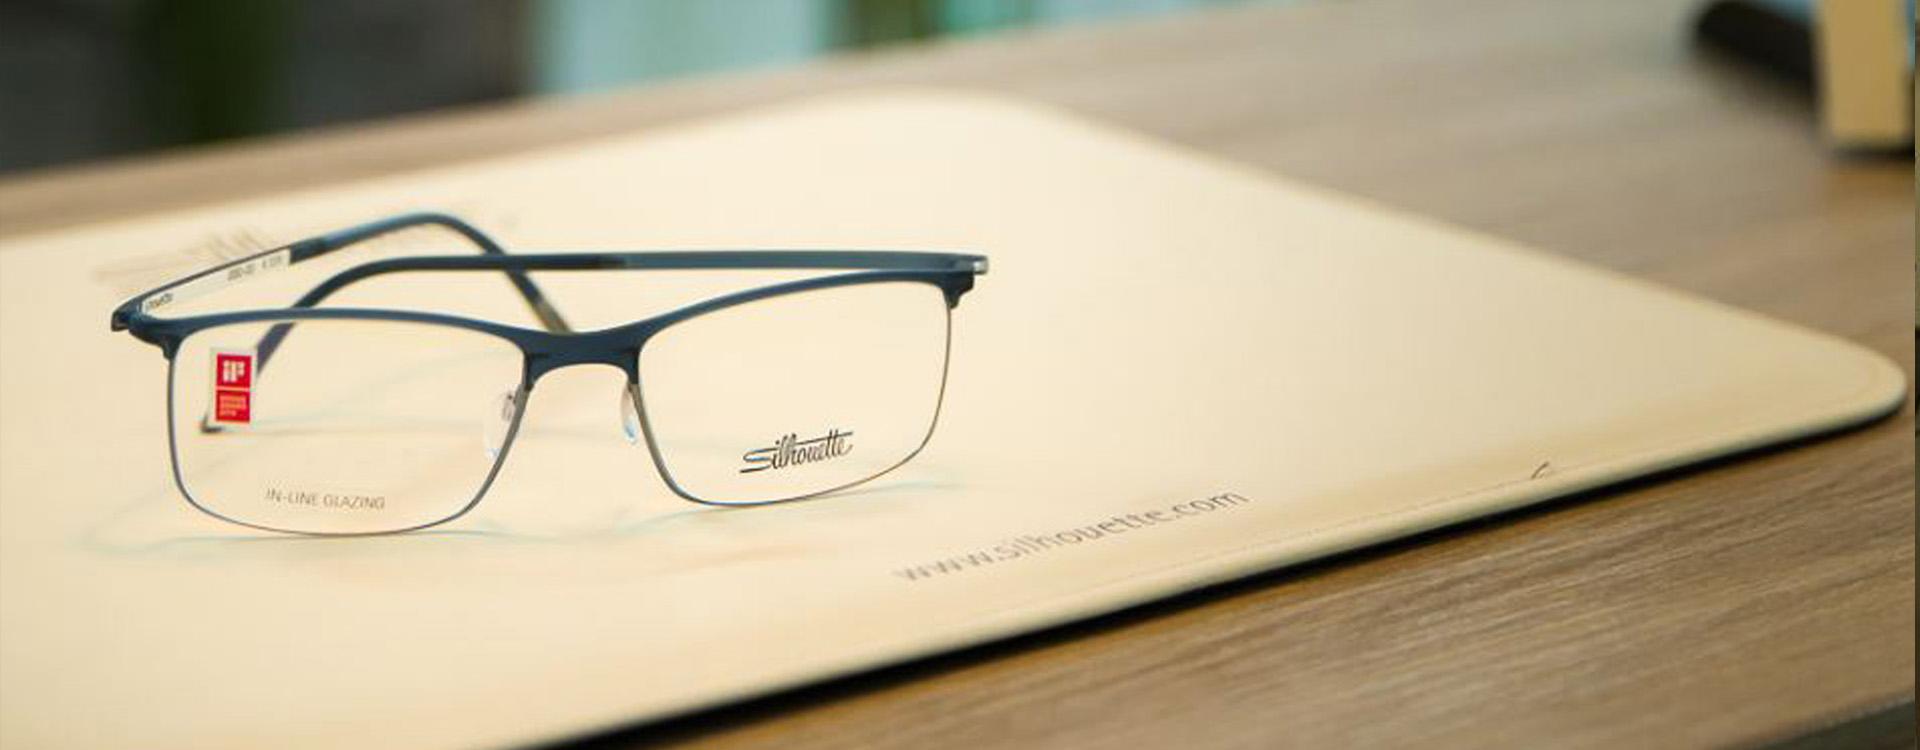 Gleitsichtbrille auf Unterlage